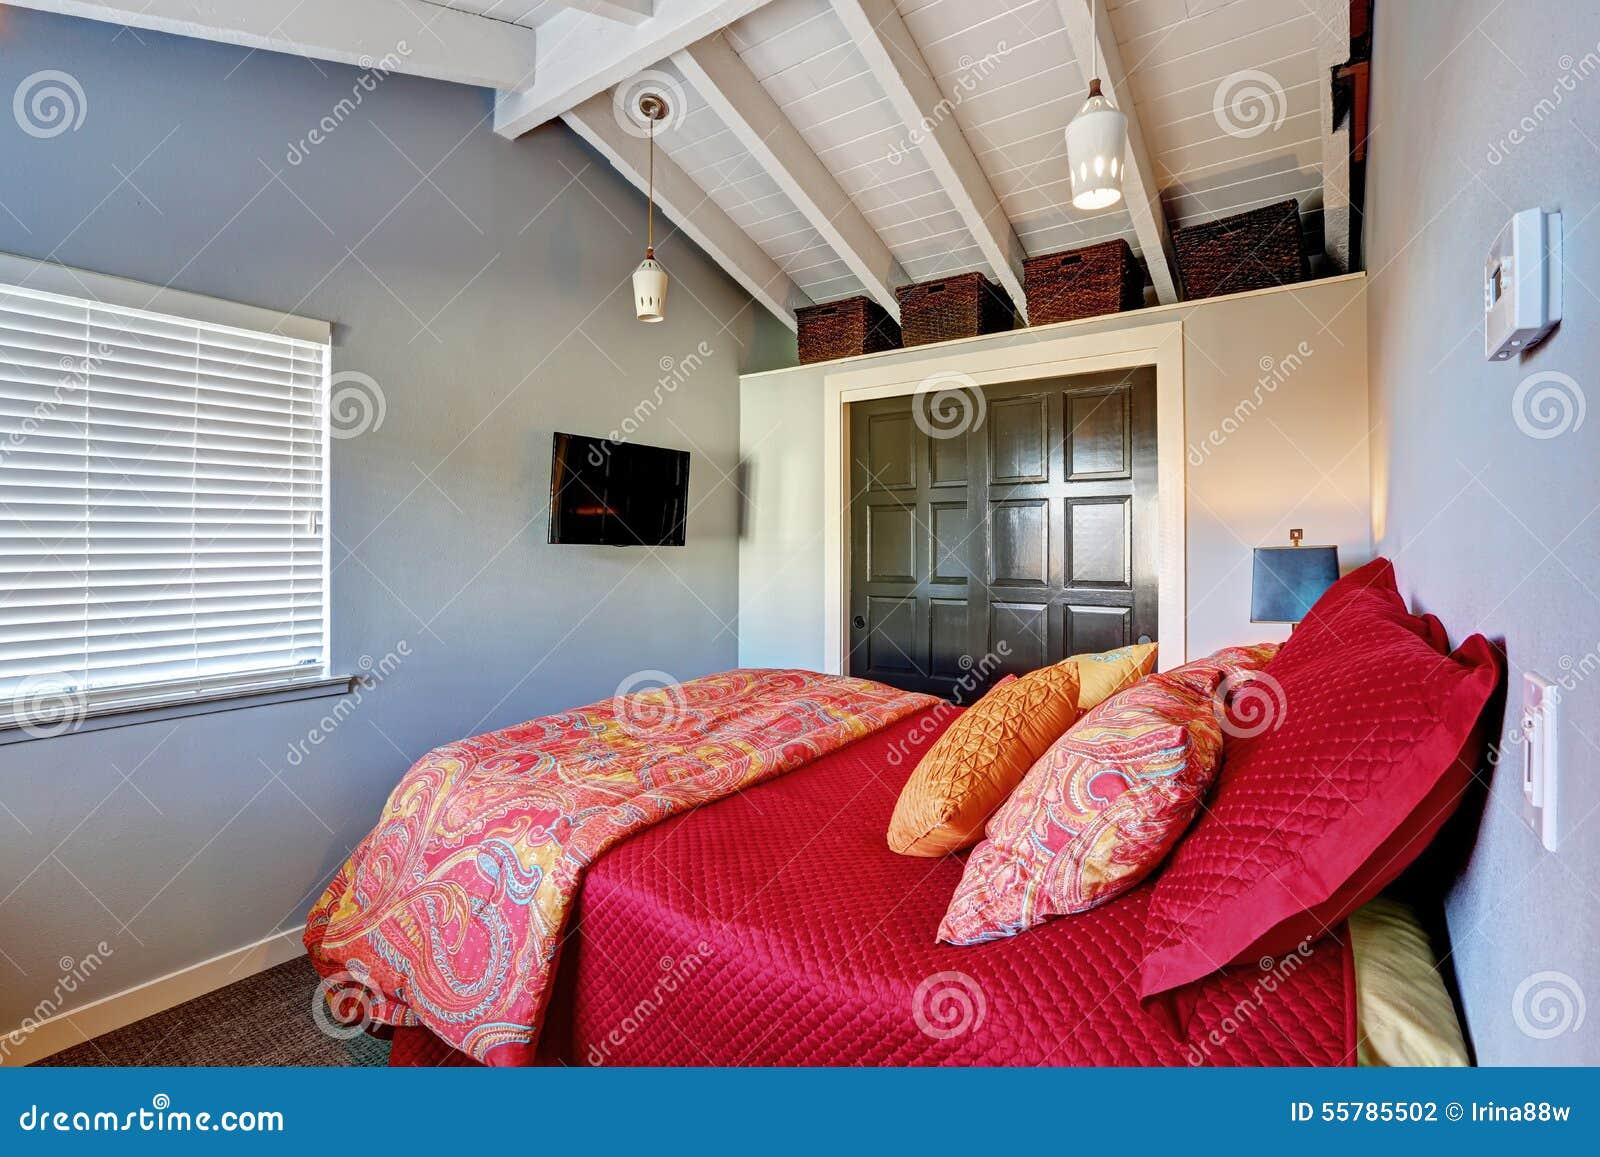 kleine perfecte slaapkamer met rood beddegoed en grijze muren, Meubels Ideeën